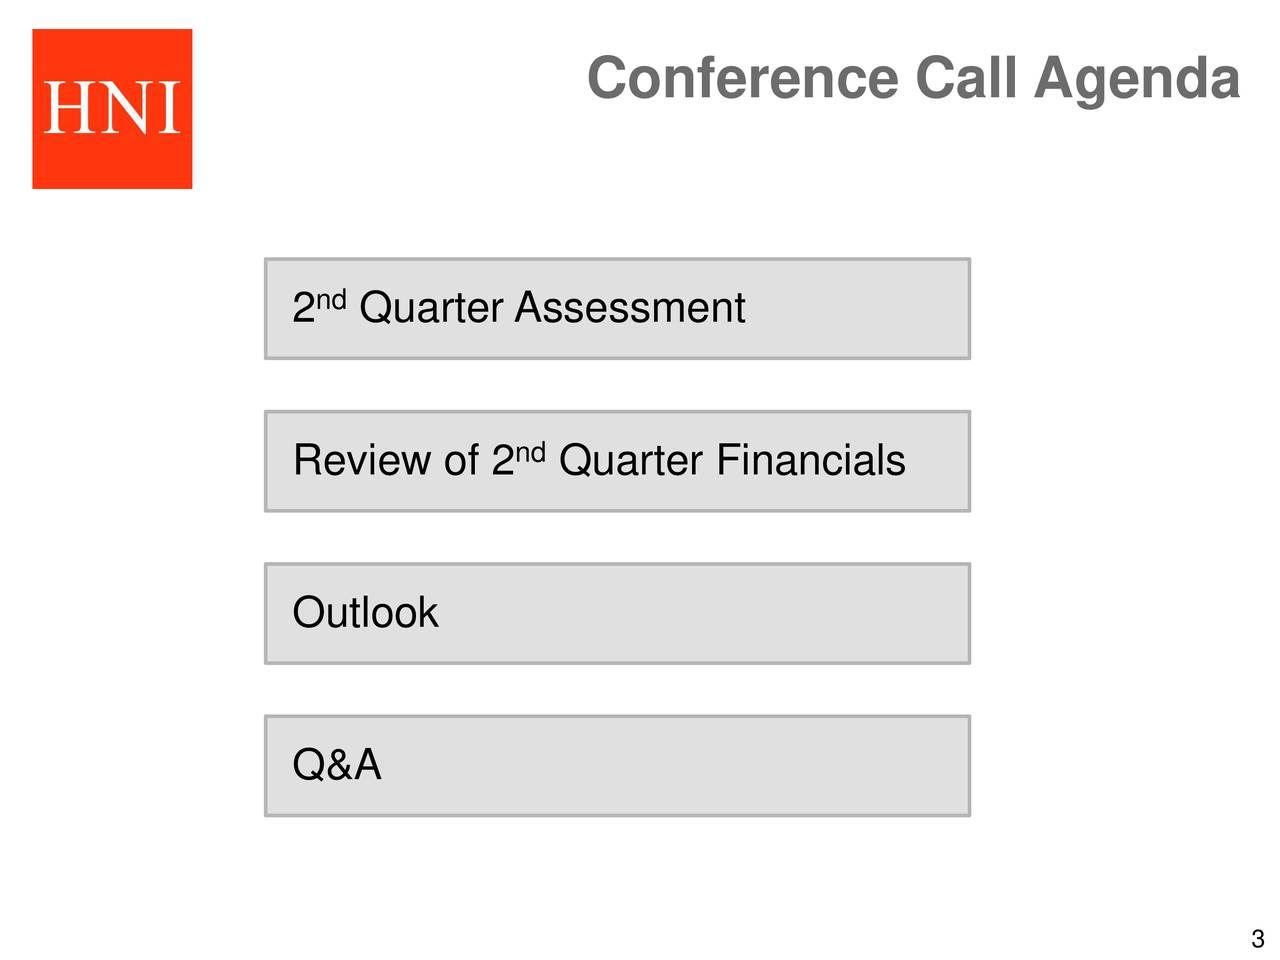 2ndQuarter Assessment Review of 2ndQuarter Financials Outlook Q&A